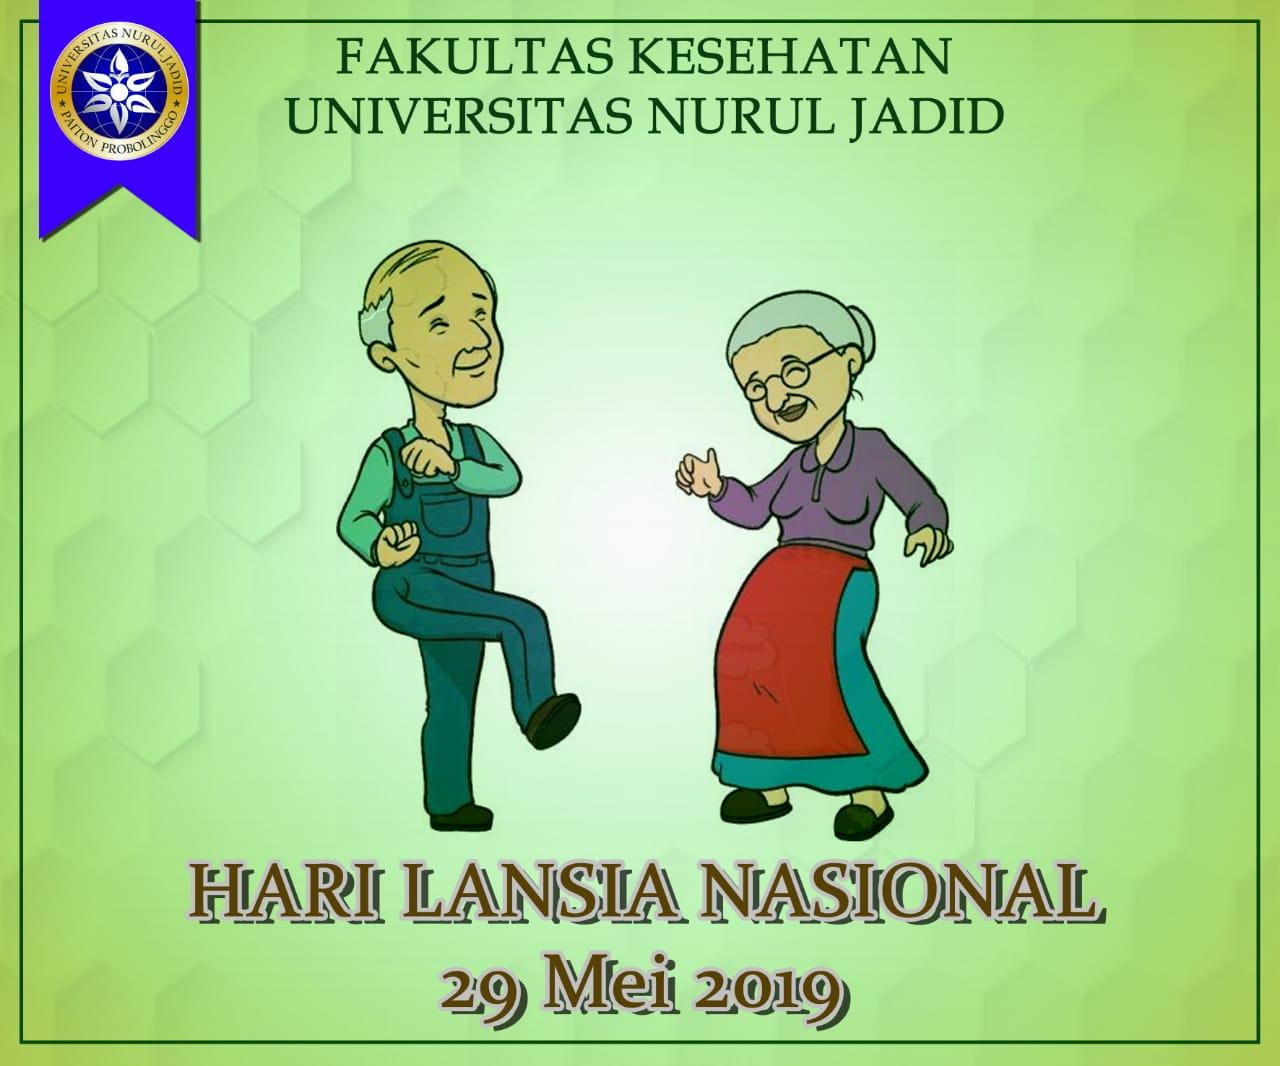 selamat-hari-lansia-nasional-29-mei-2019